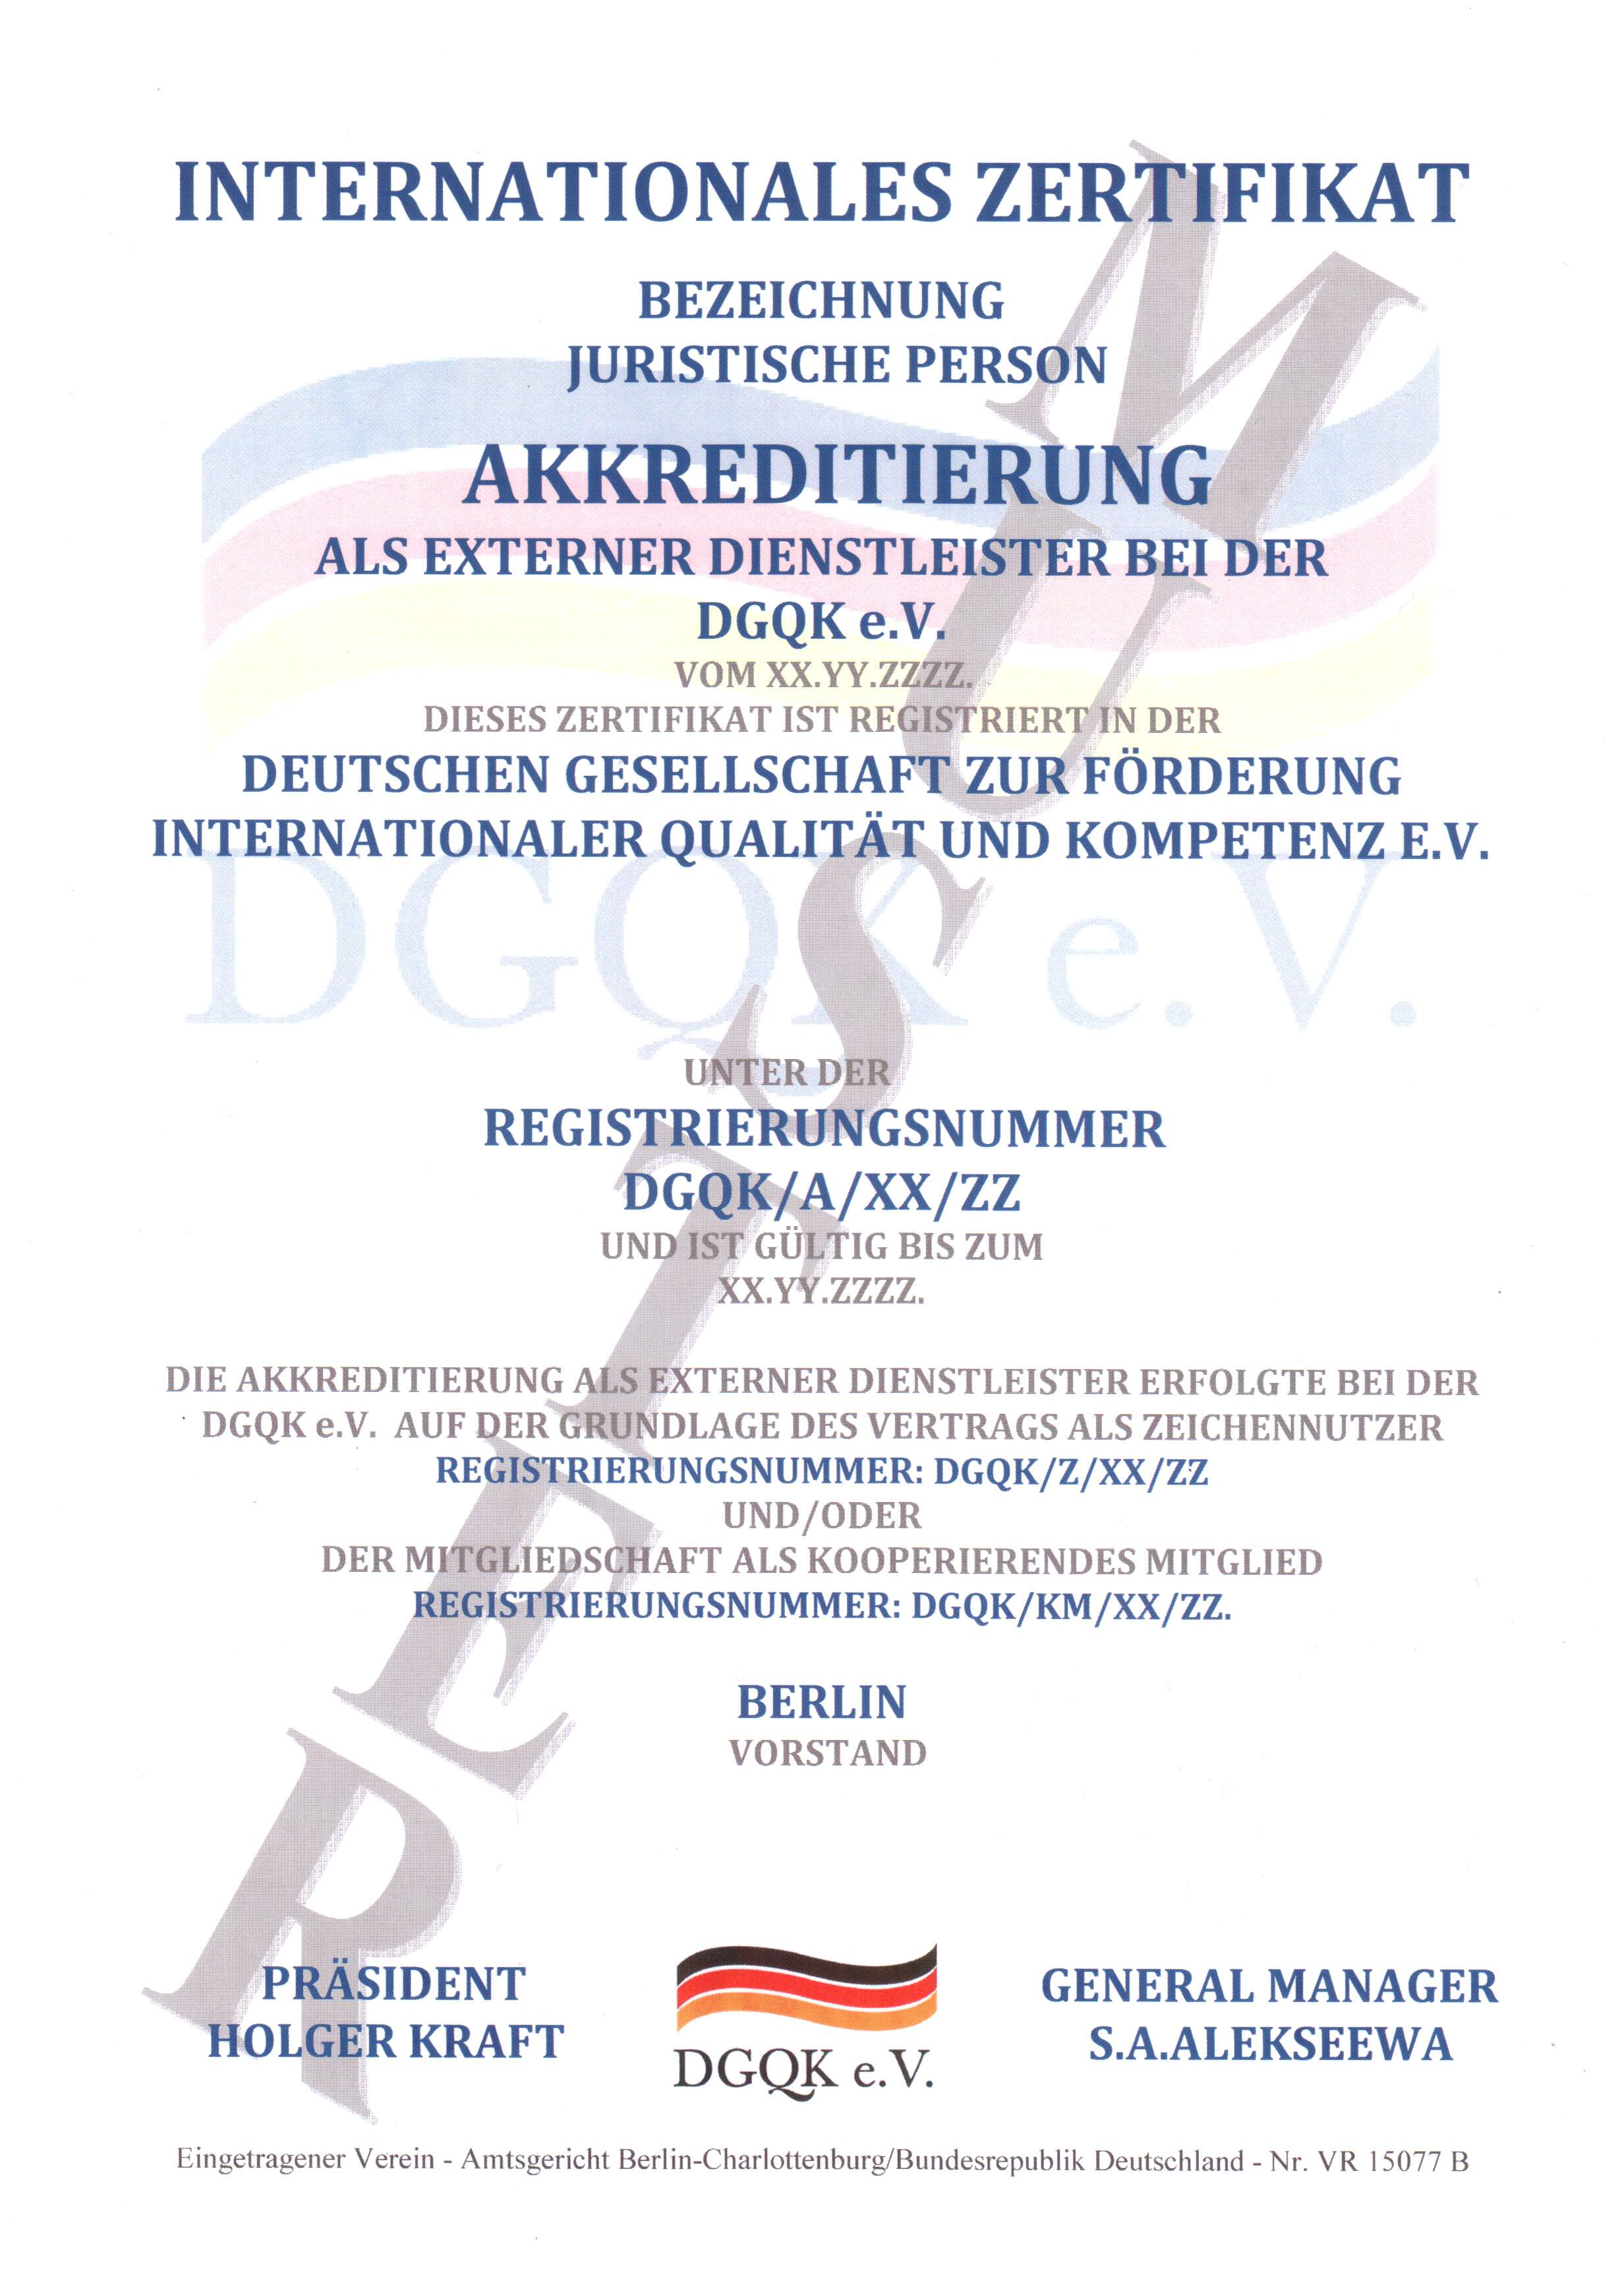 Ziemlich Beispiel Zertifikate Galerie - FORTSETZUNG ARBEITSBLATT ...